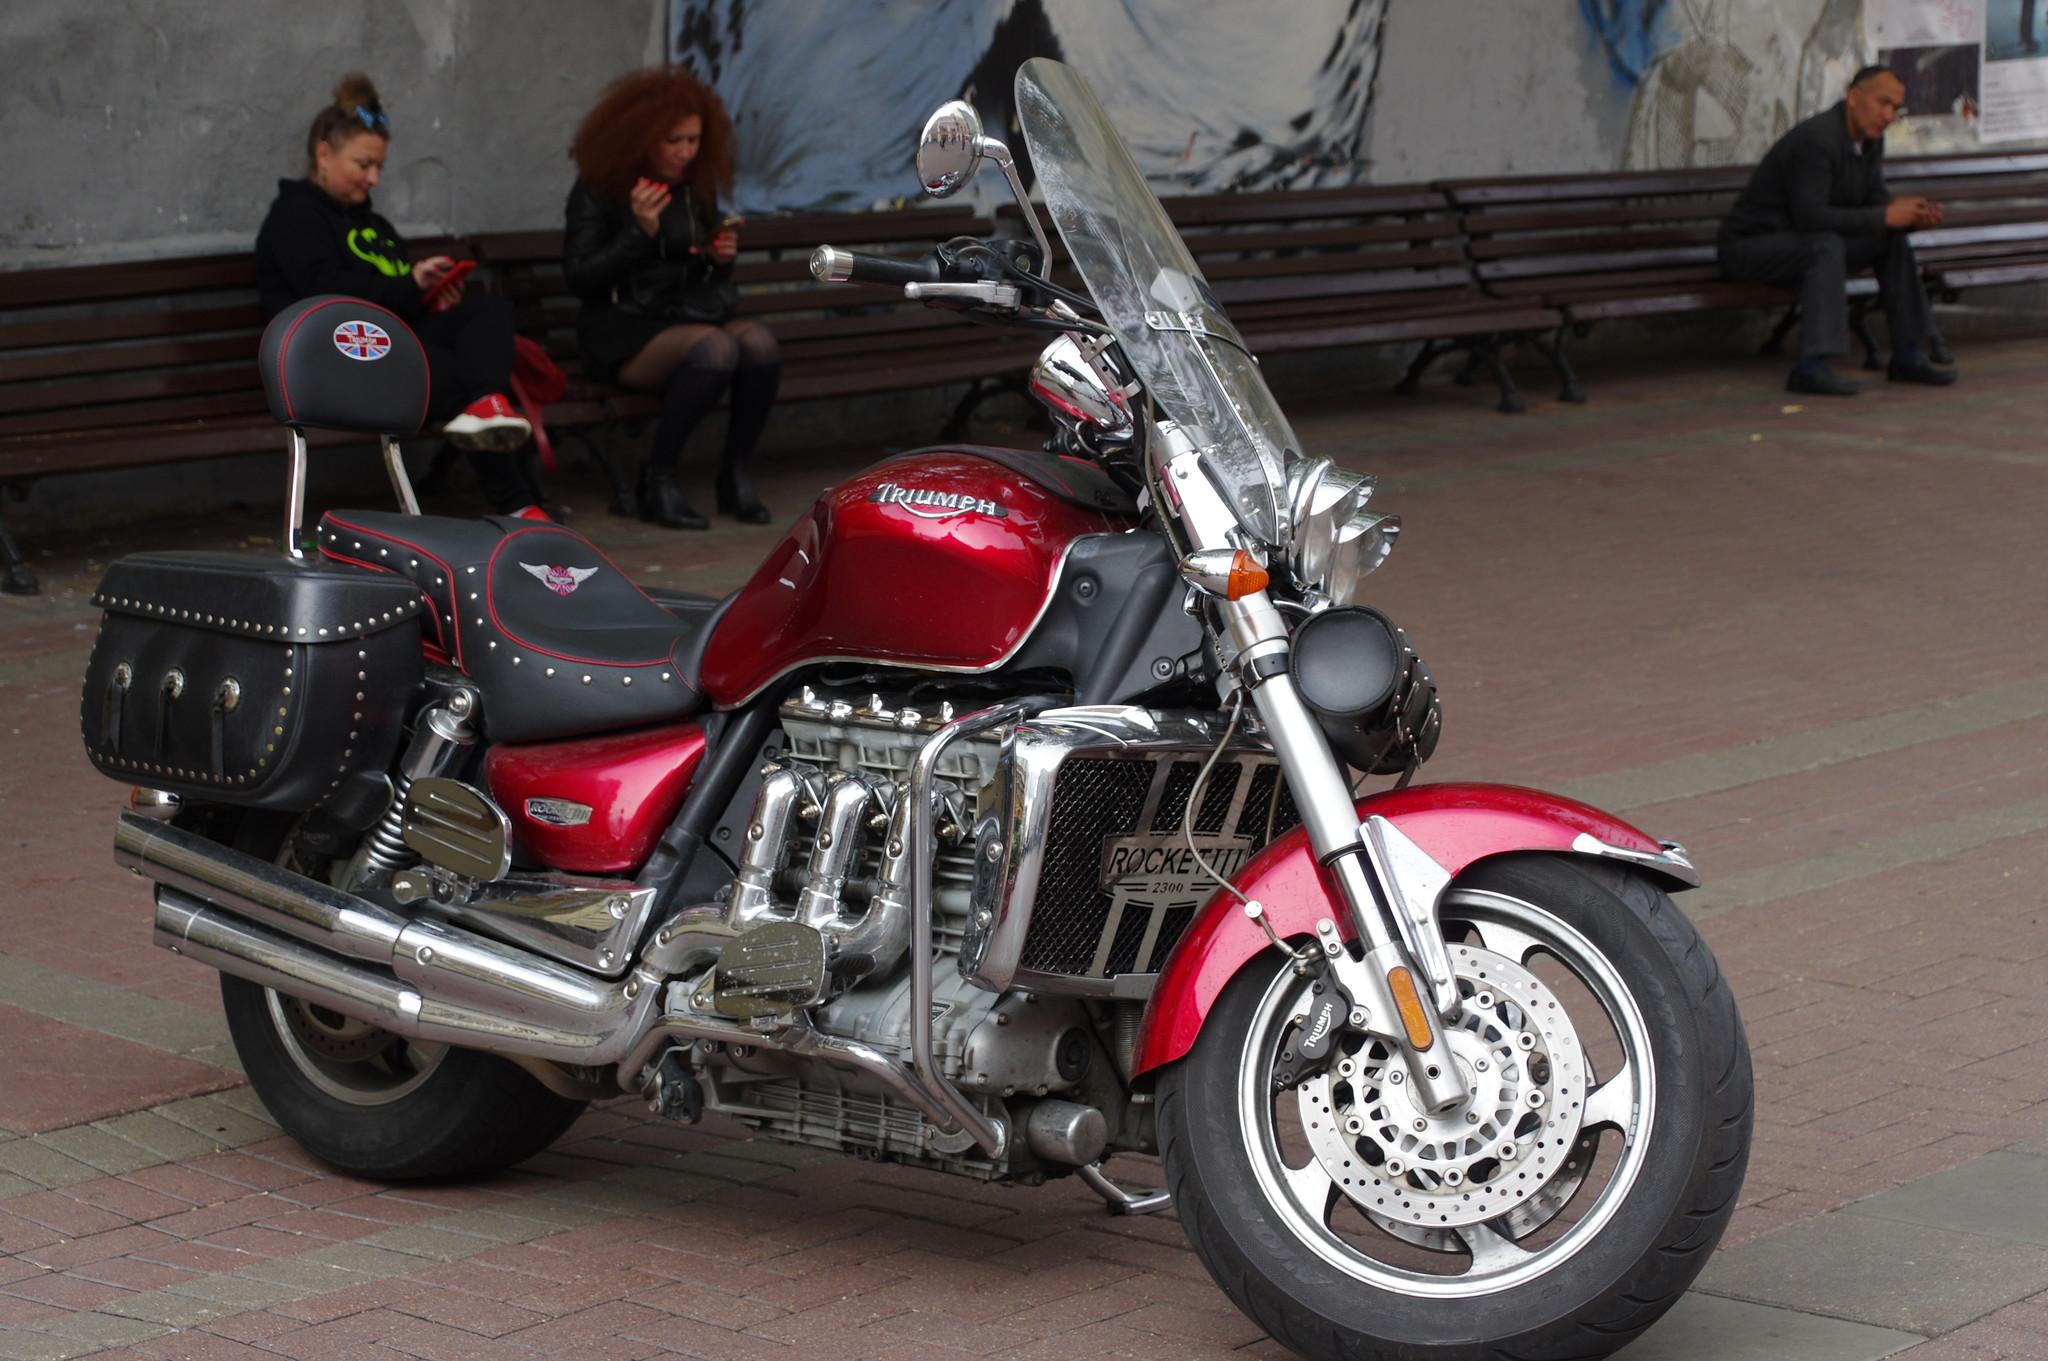 Мотоцикл Triumph Rocket 3 на Арбате